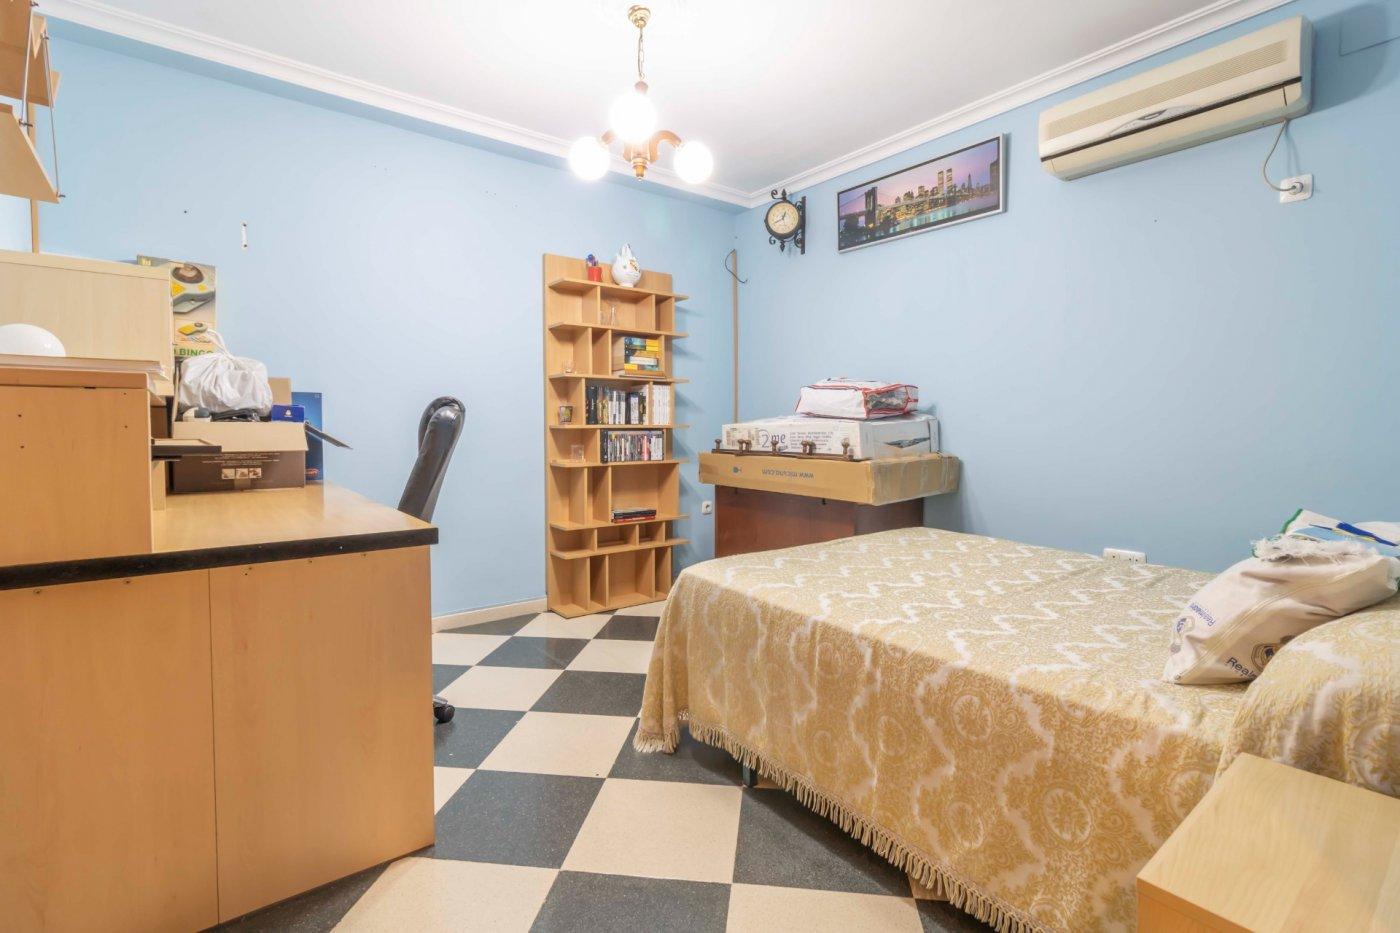 Casa a la venta en zona padre pÍo - imagenInmueble30